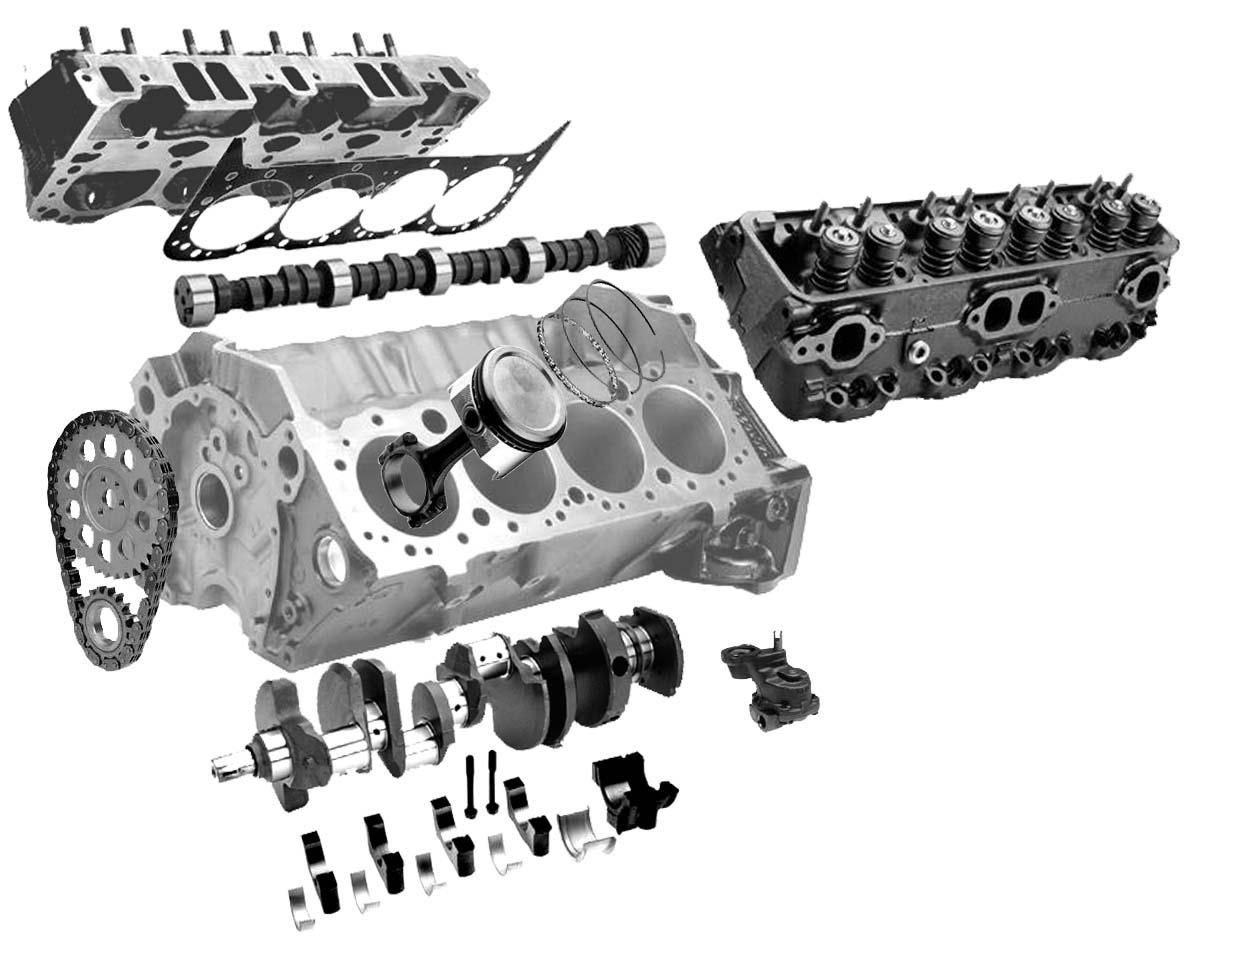 كتاب أجزاء ومكونات محرك السيارة Pdf ميكانيكا لايف